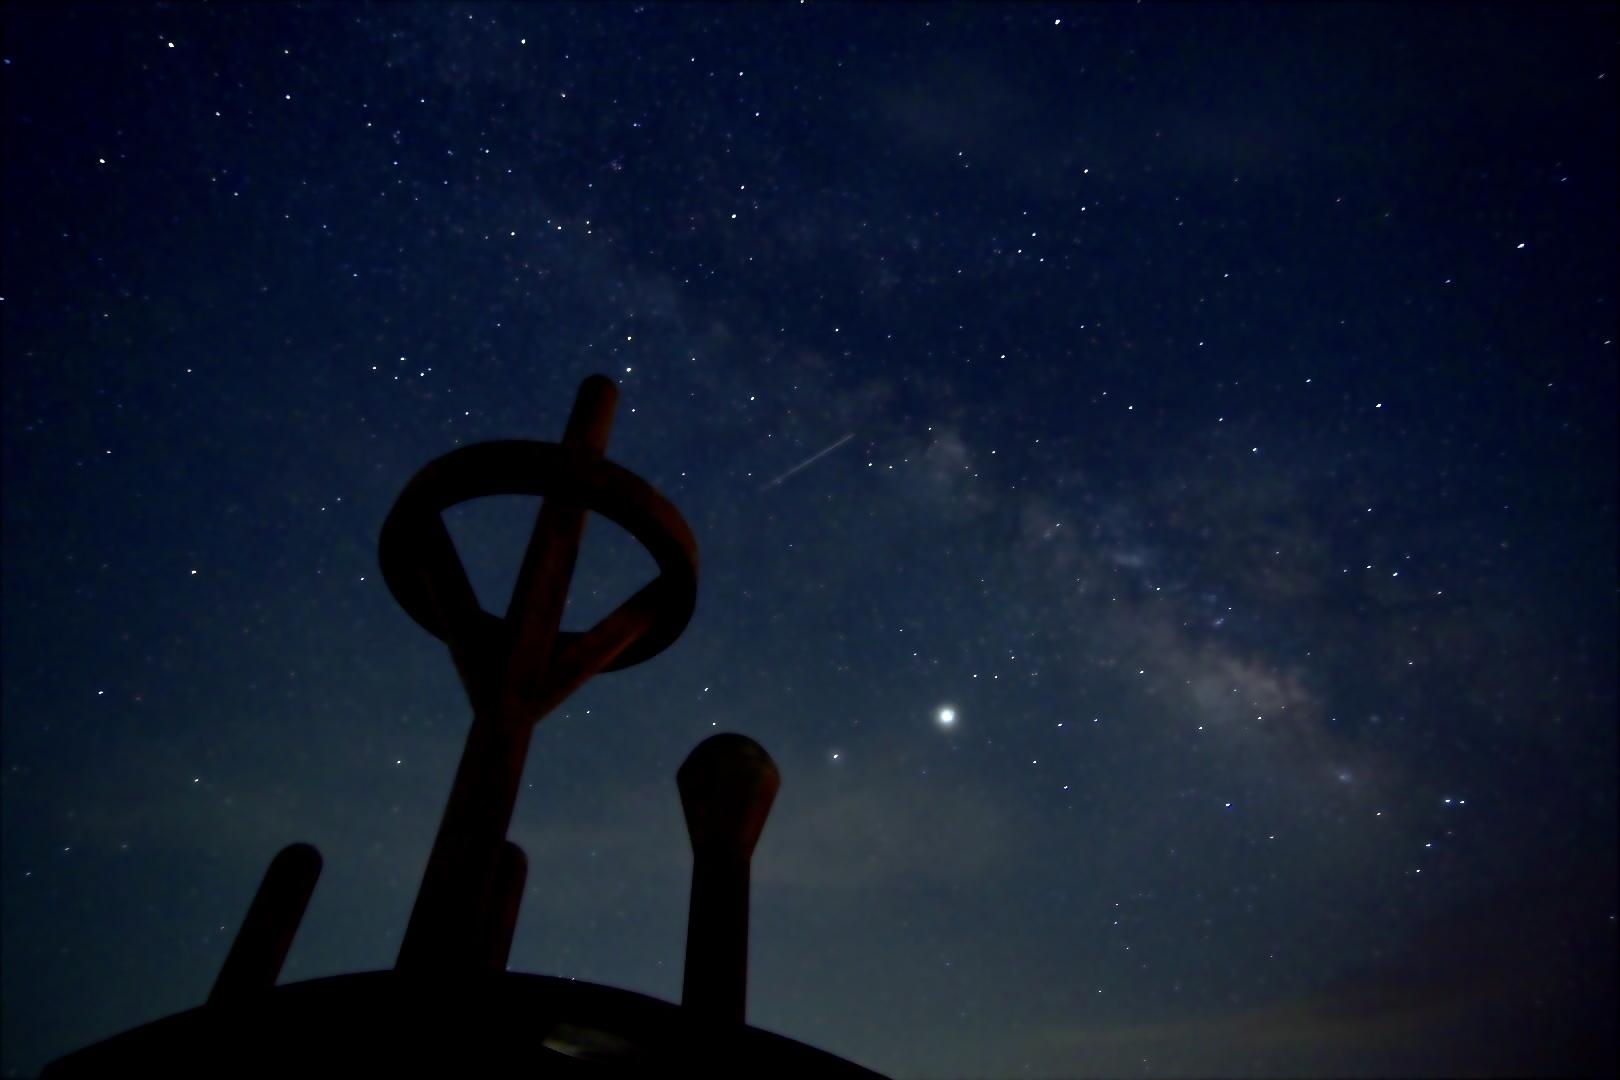 ペルセウス座流星群 本日ピーク!!の12日深夜から13日未明は、1時間に最大30個ほどの流れ星を見られる!? イメージ画像